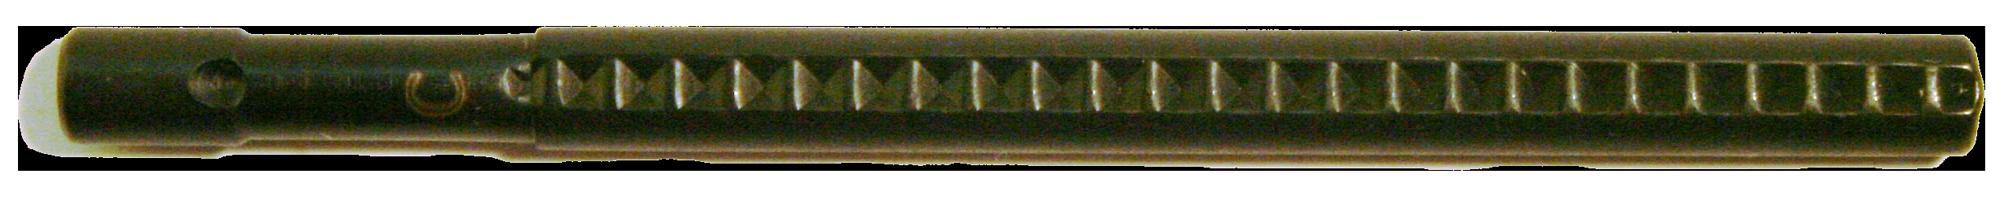 Stahlhalter zu Set C Image